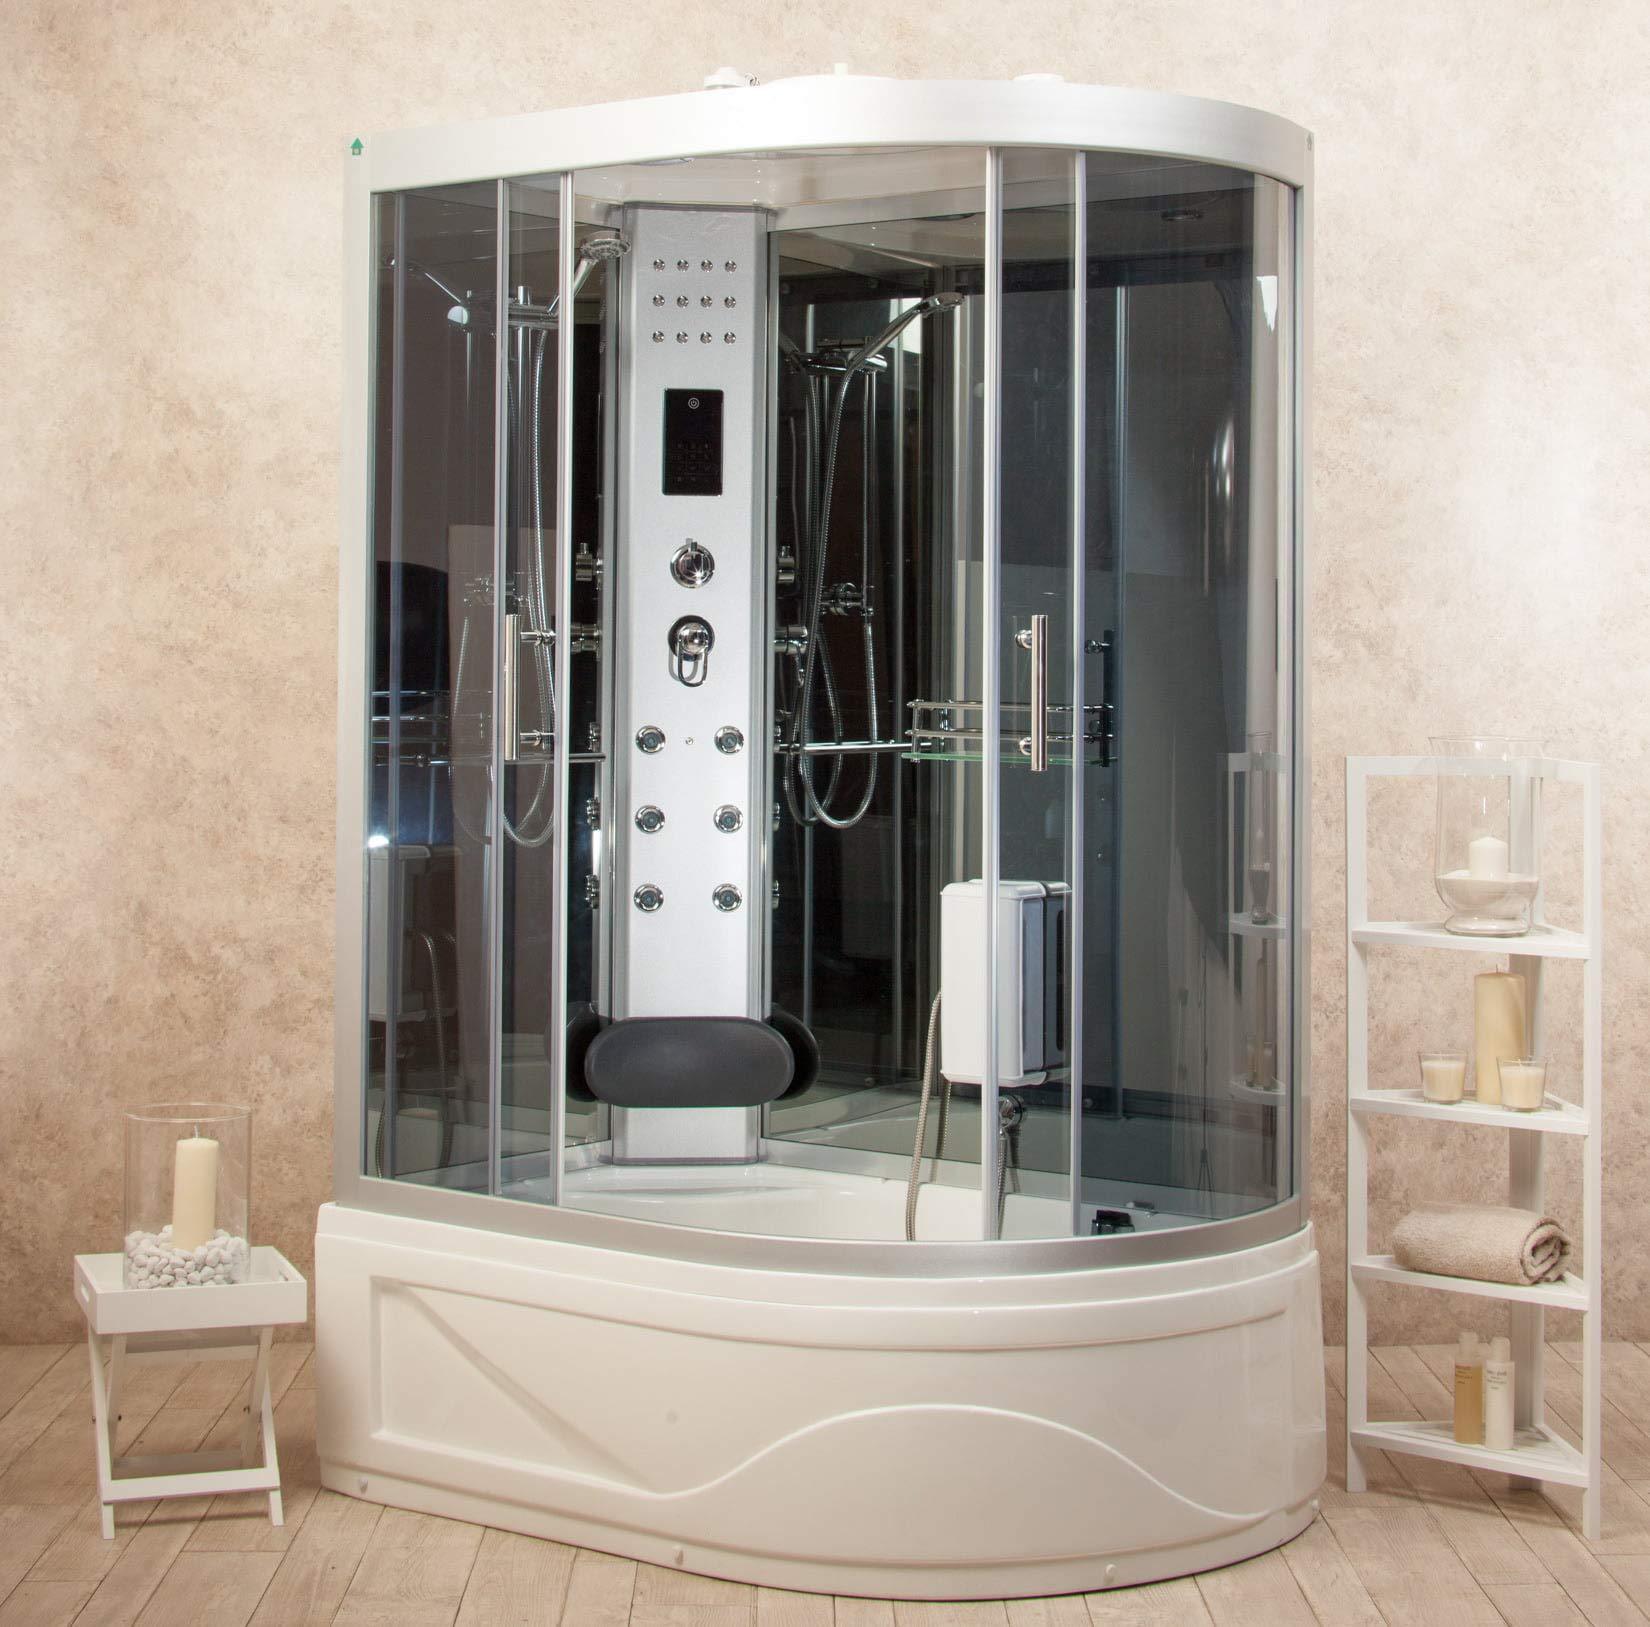 Box ducha hidromasaje bañera sauna y baño turco entrada a izquierda 115 x 90 cm vorich florence2: Amazon.es: Hogar